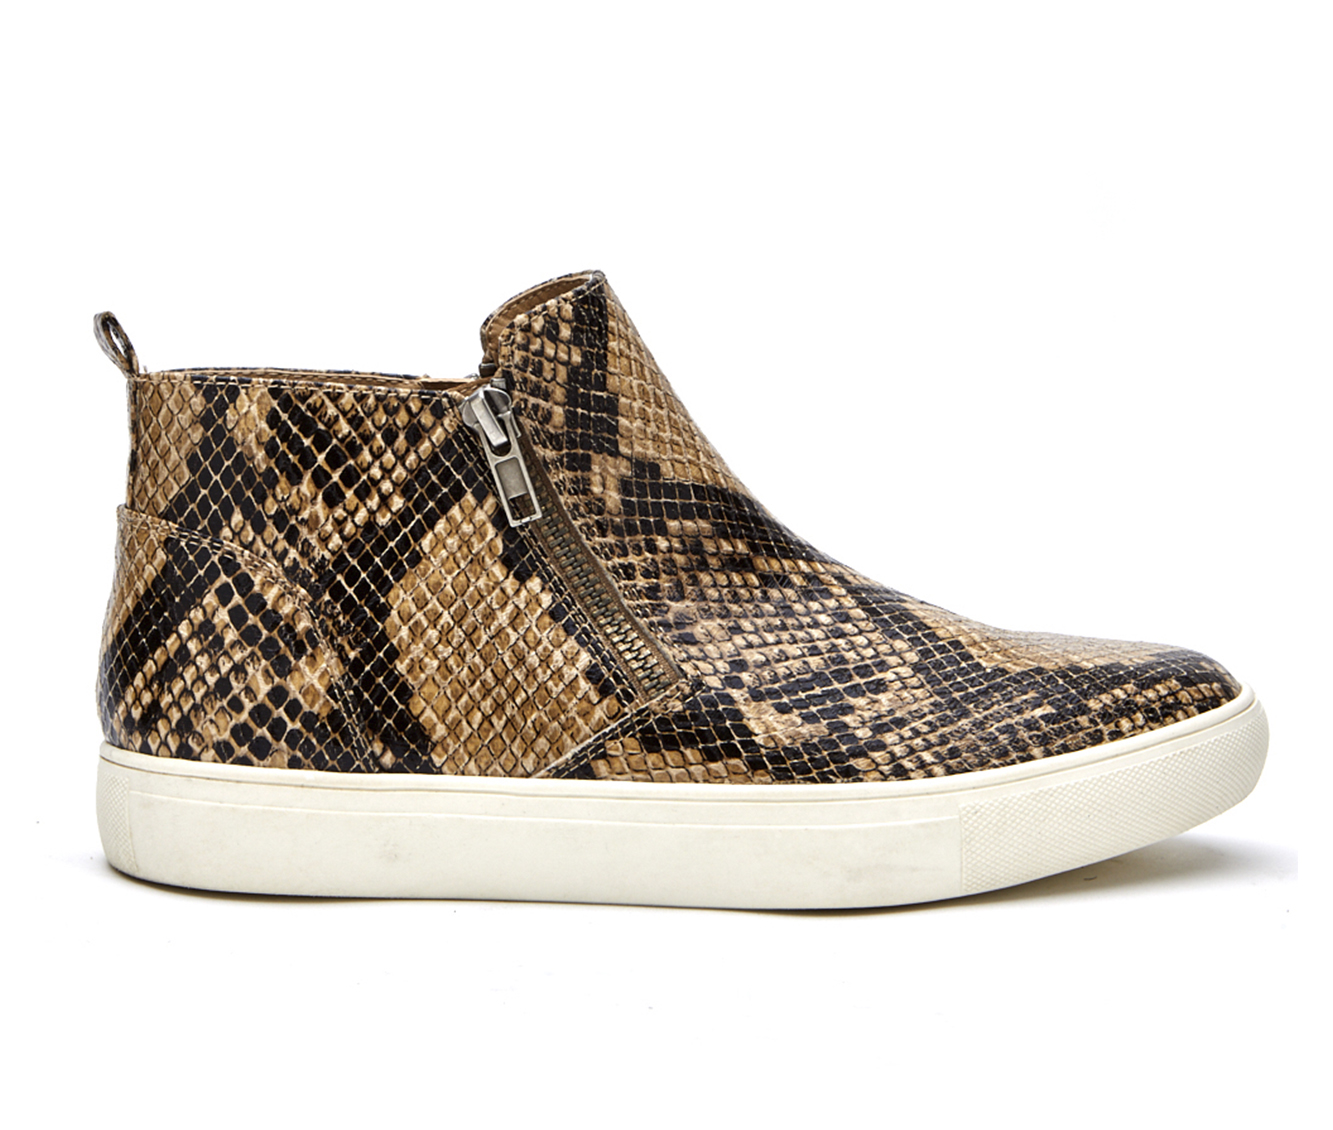 Coconuts Goya Women's Shoe (Beige Faux Leather)